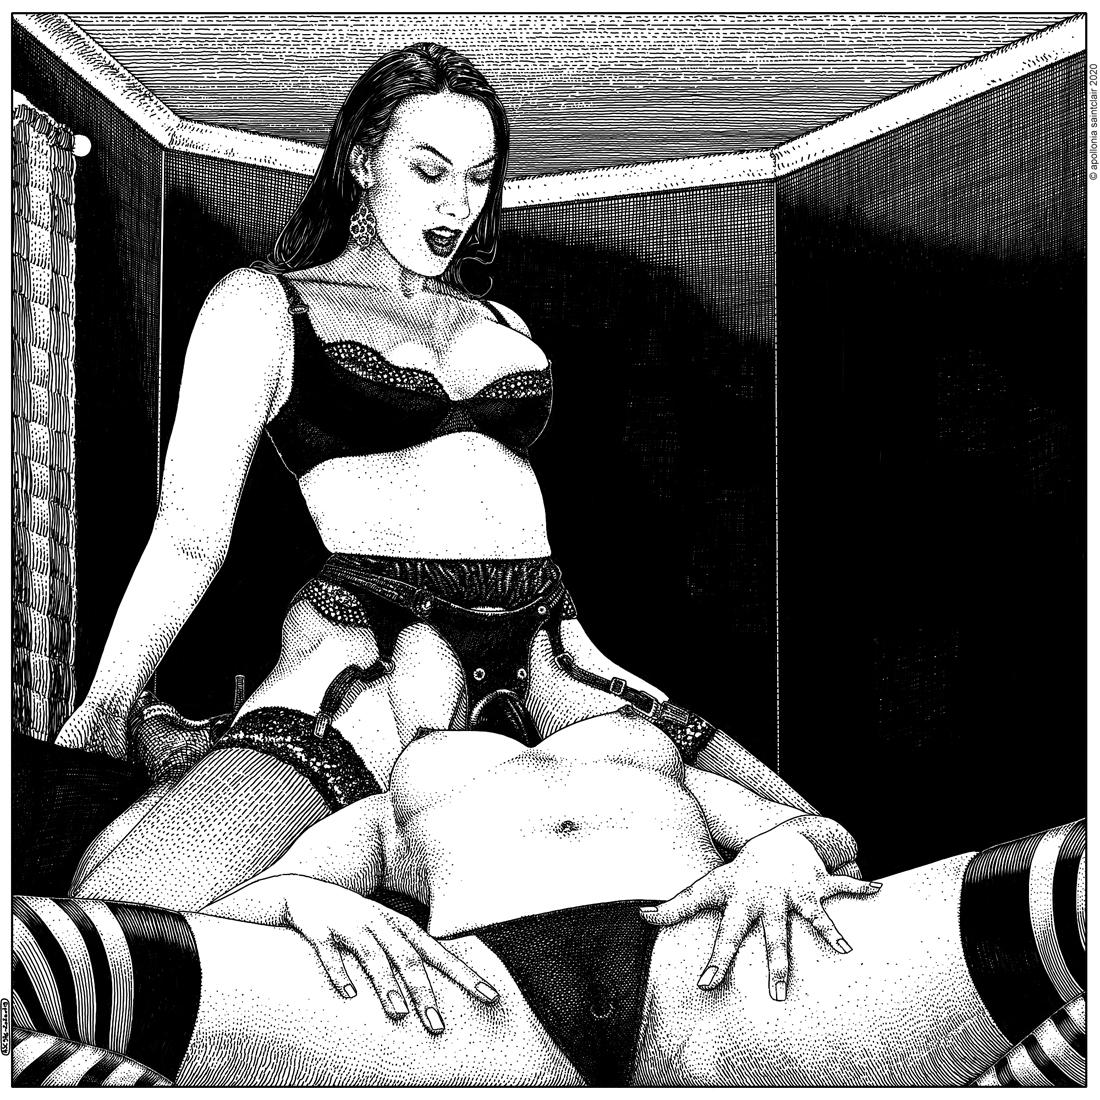 Apollonia Saintclair 976 - 20200719 Le boudoir (Close quarters)